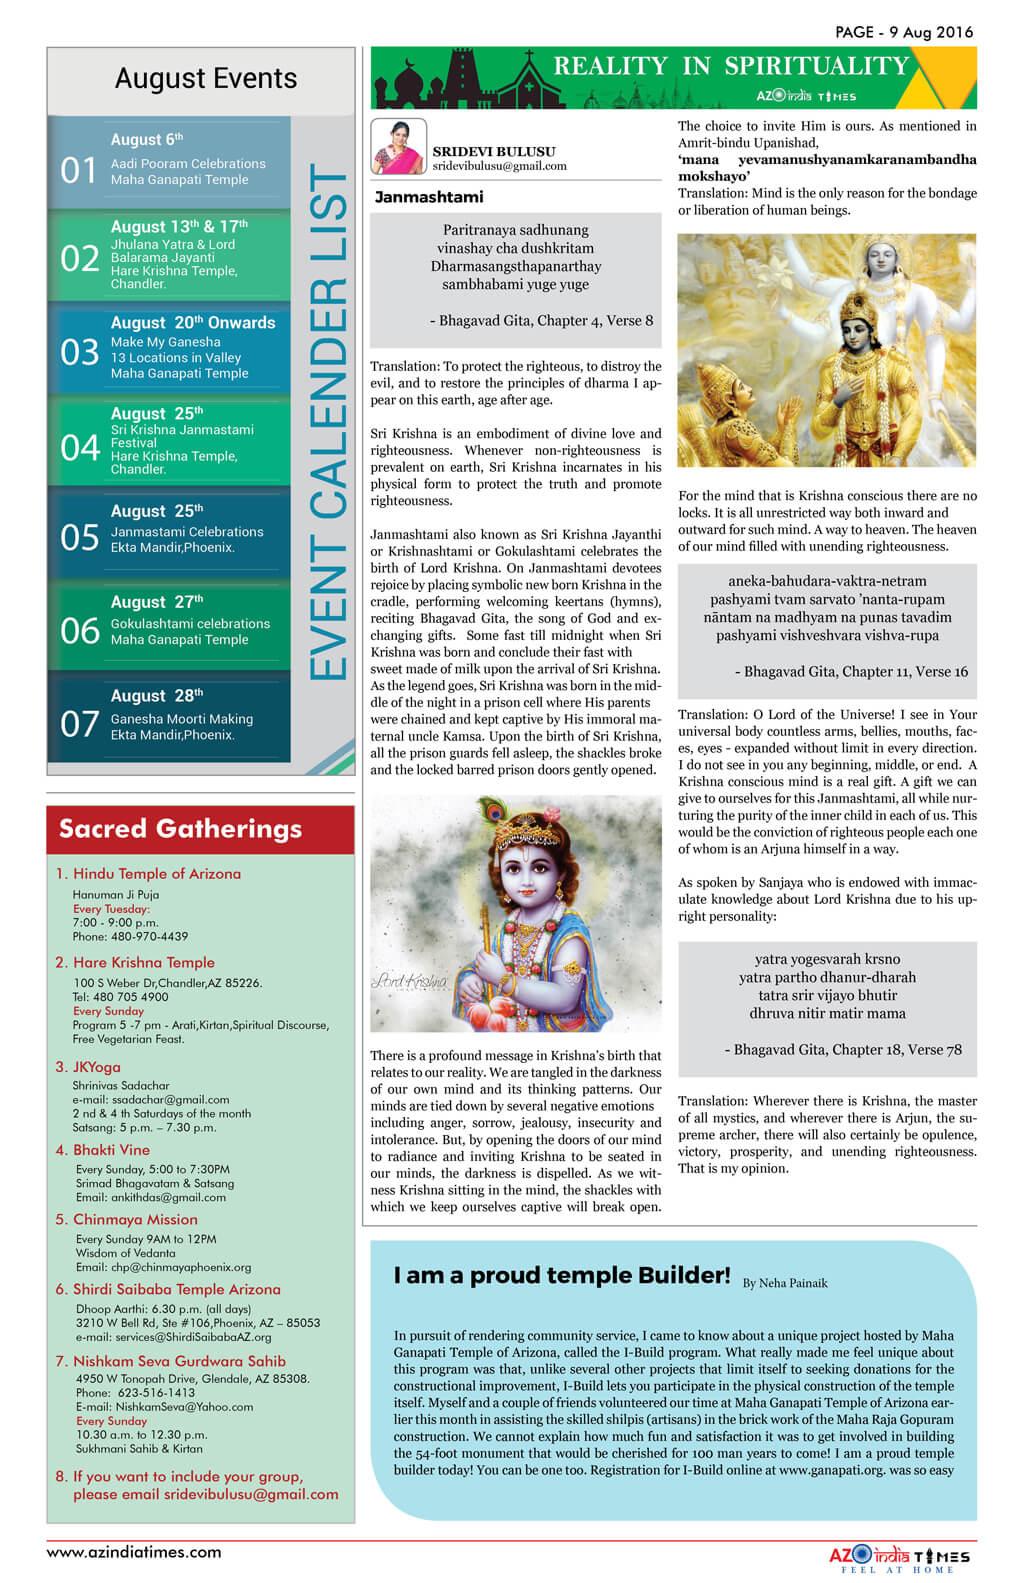 az-india-times9